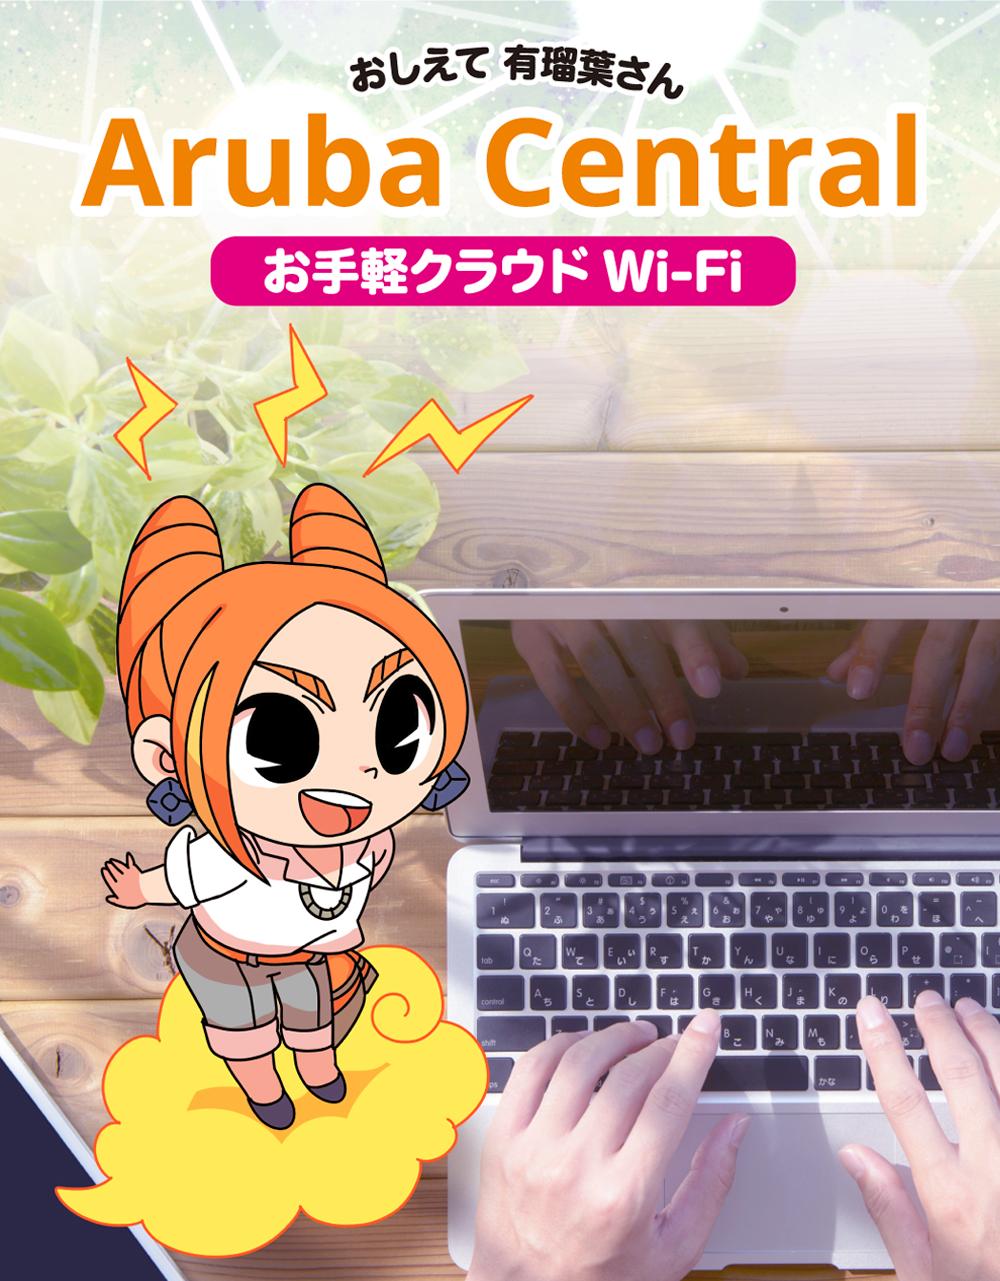 おしえて有瑠葉さん「Aruba Central」【ネットワールド】